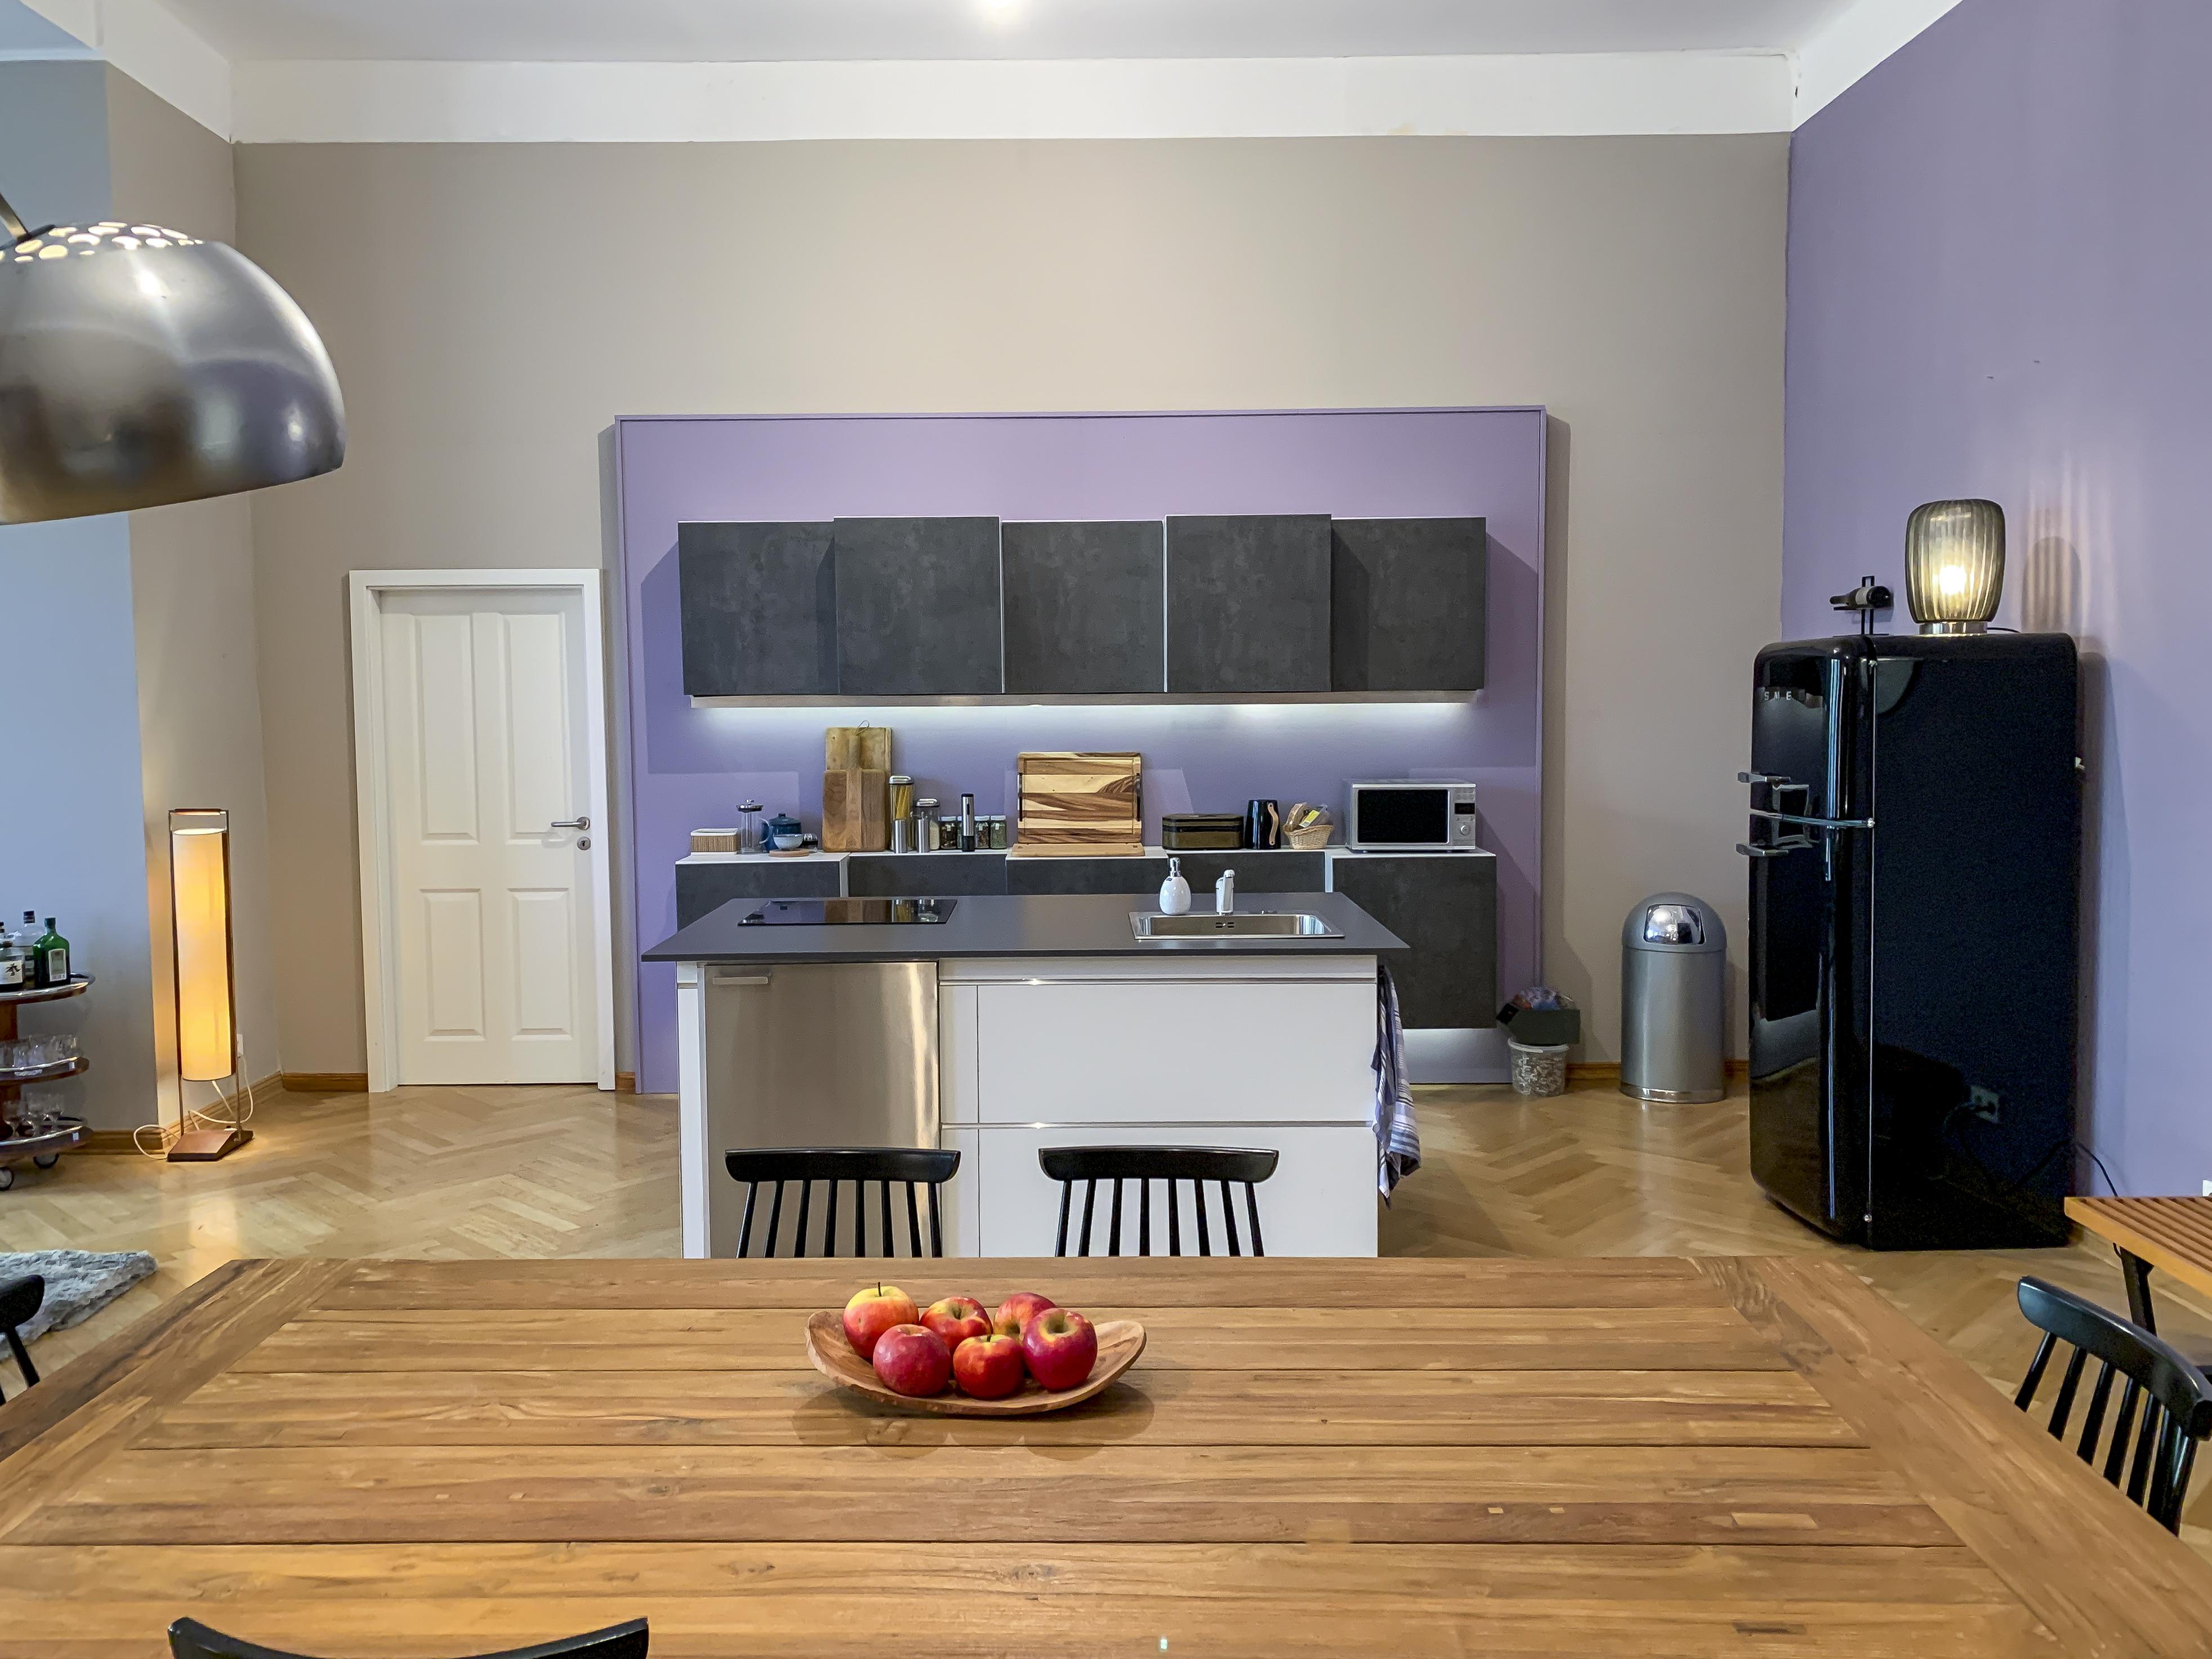 Wohnung Romy-11